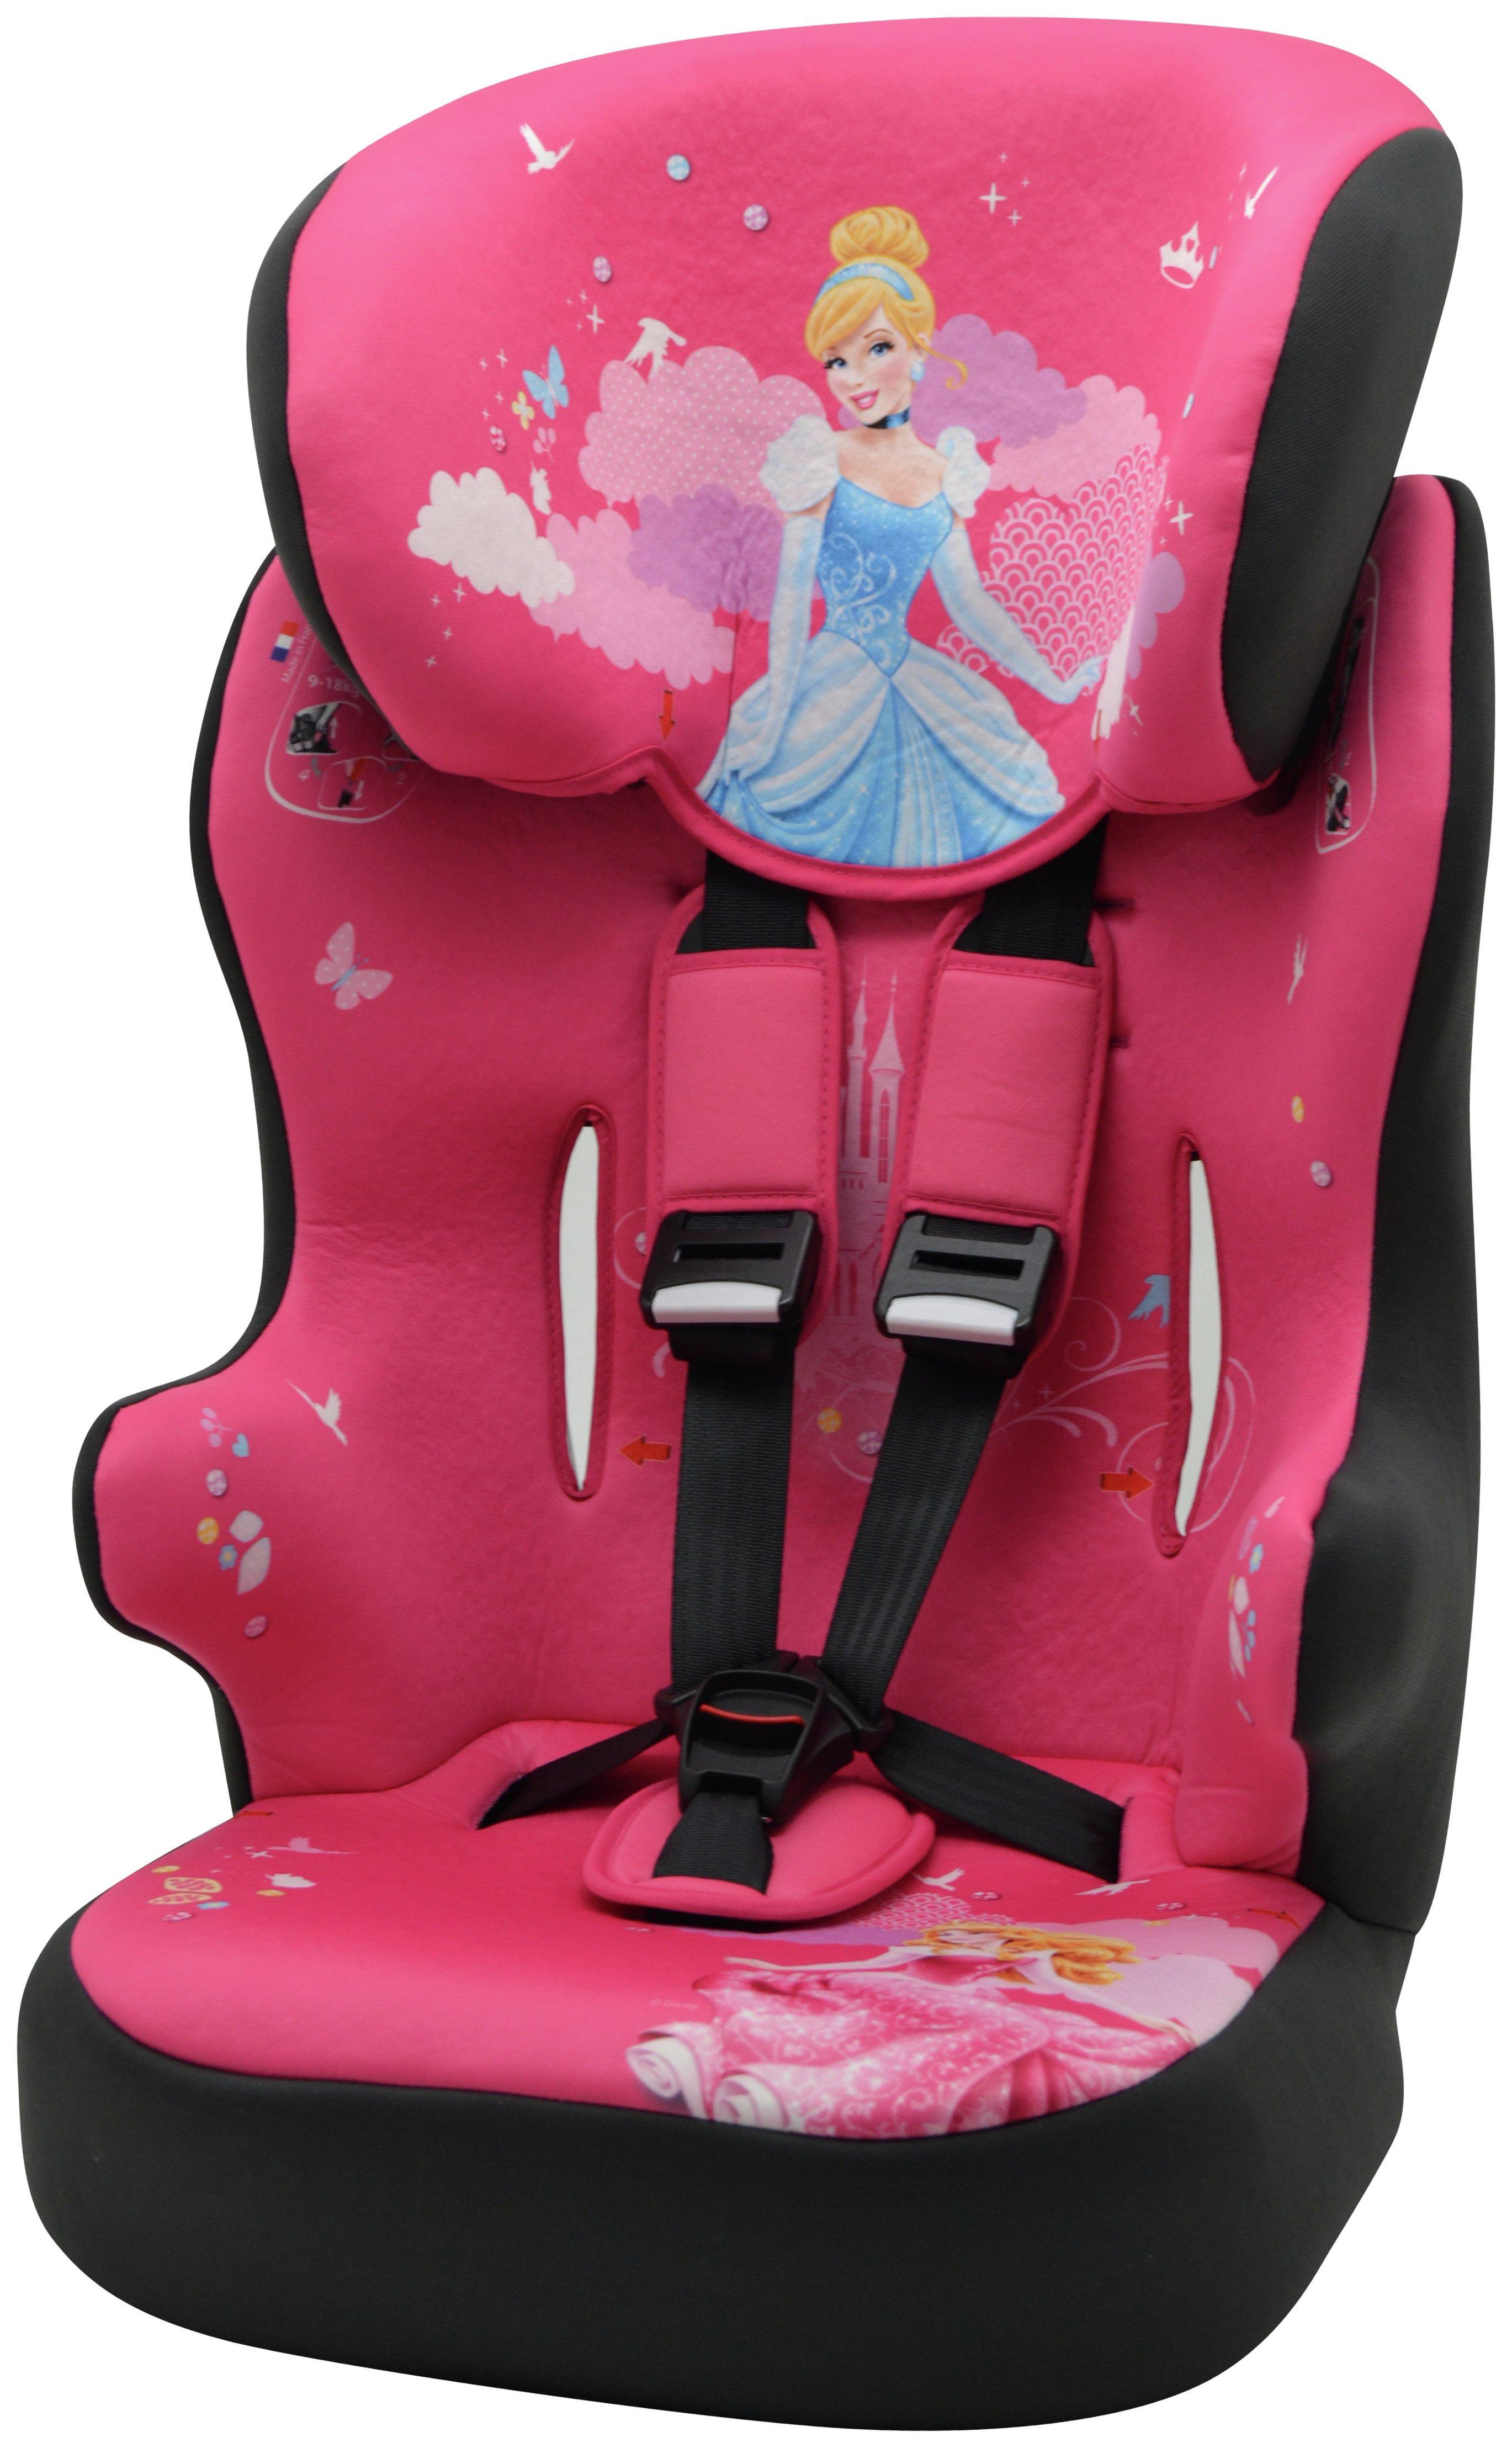 Disney Princess Group 1/2/3 Racer High Back Car Seat - Pink